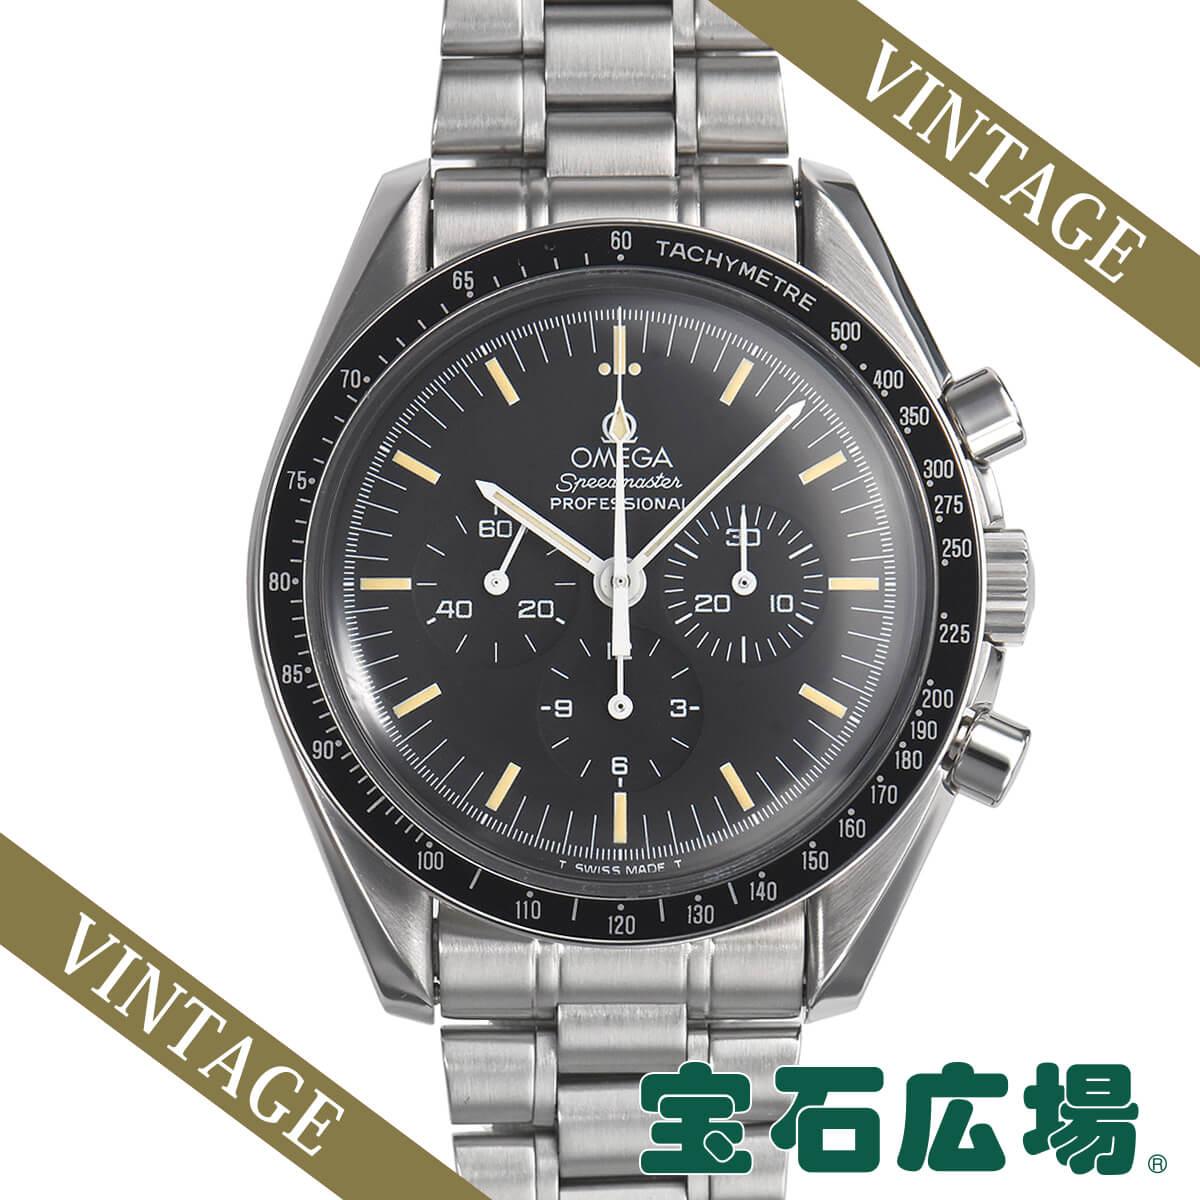 2020超人気 オメガ 腕時計 OMEGA OMEGA スピードマスタープロフェッショナル 3590-50【】メンズ 送料無料 腕時計 送料無料, 家具おもしろ工房:47ac96a5 --- baecker-innung-westfalen-sued.de